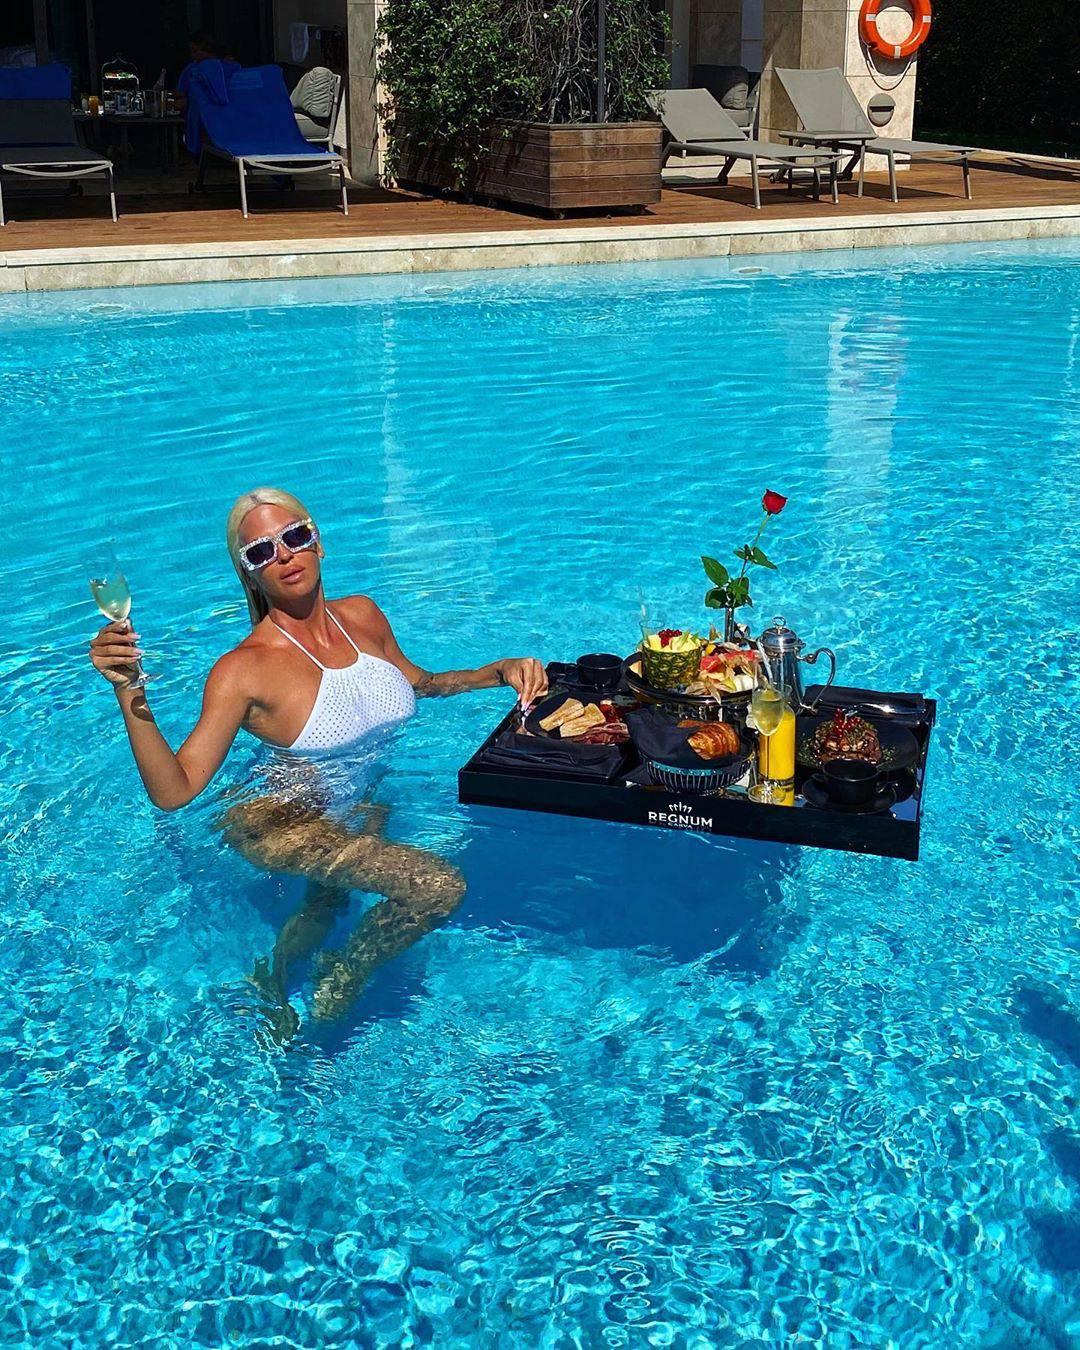 Karleuša je 'kraljica kupaćih': Svaki dan novi badić ide van